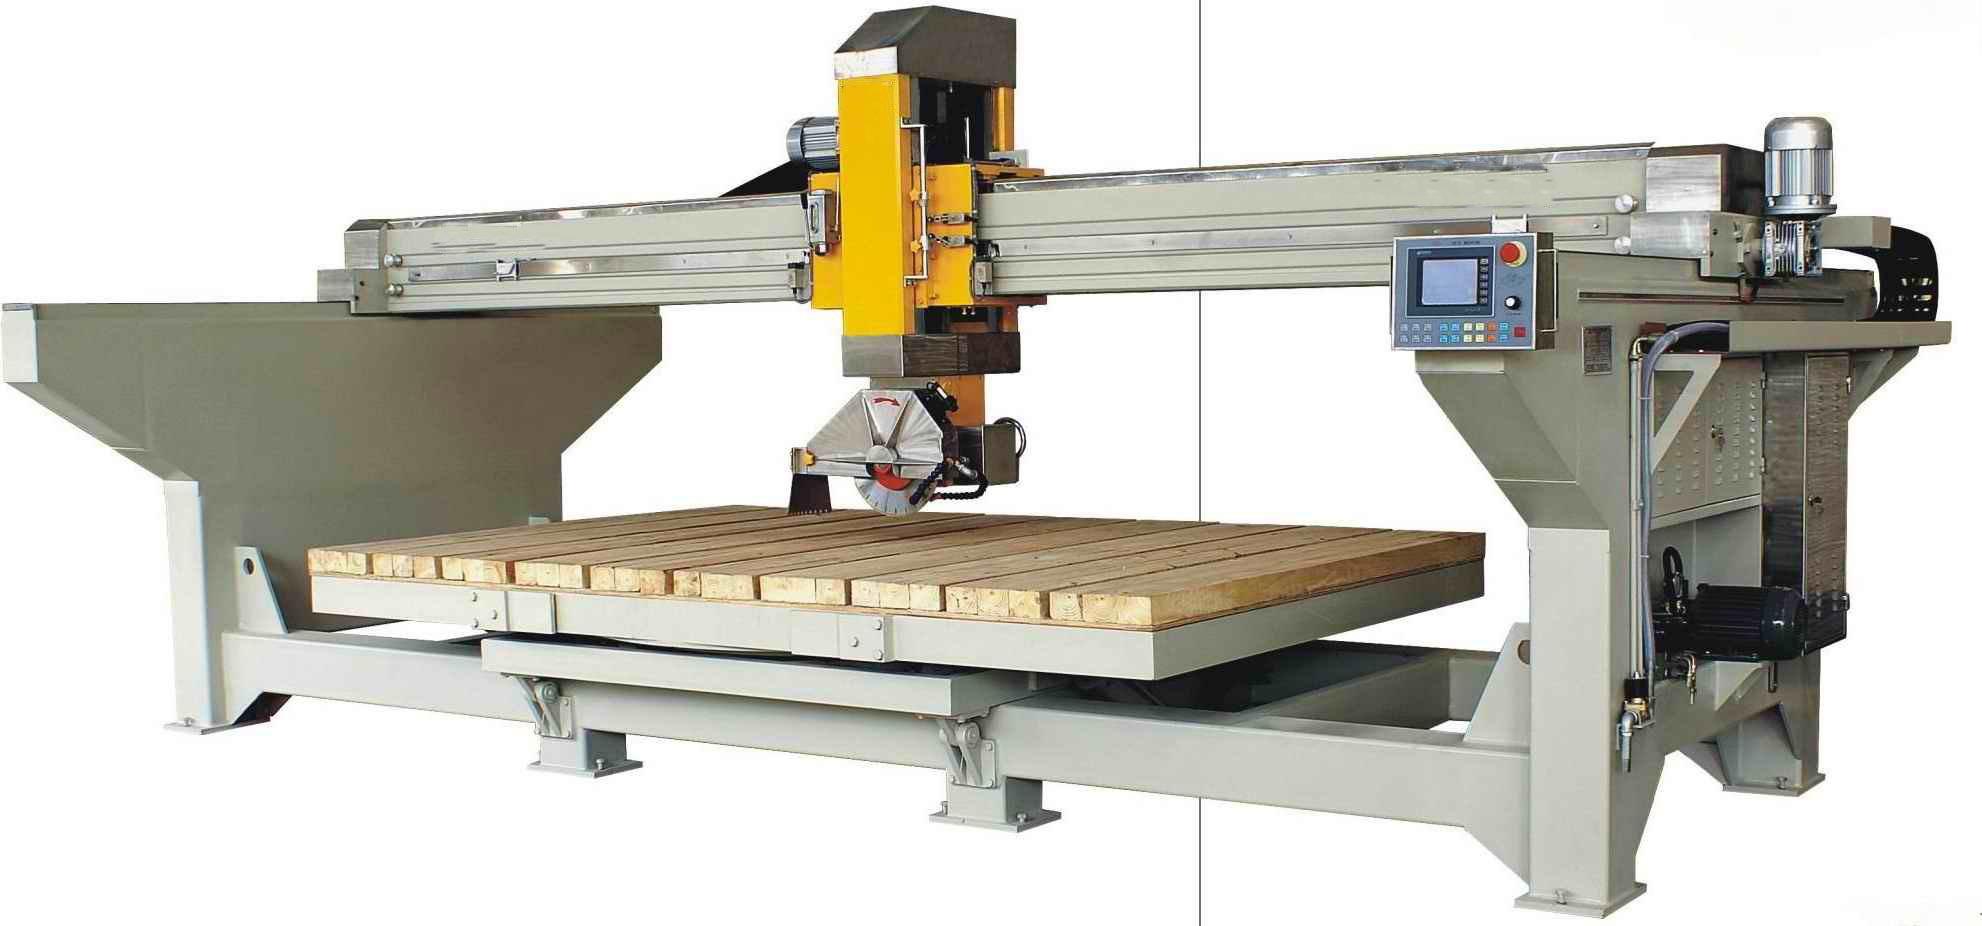 Infrared Bridge Cutting Machine for Kitchen Countertop